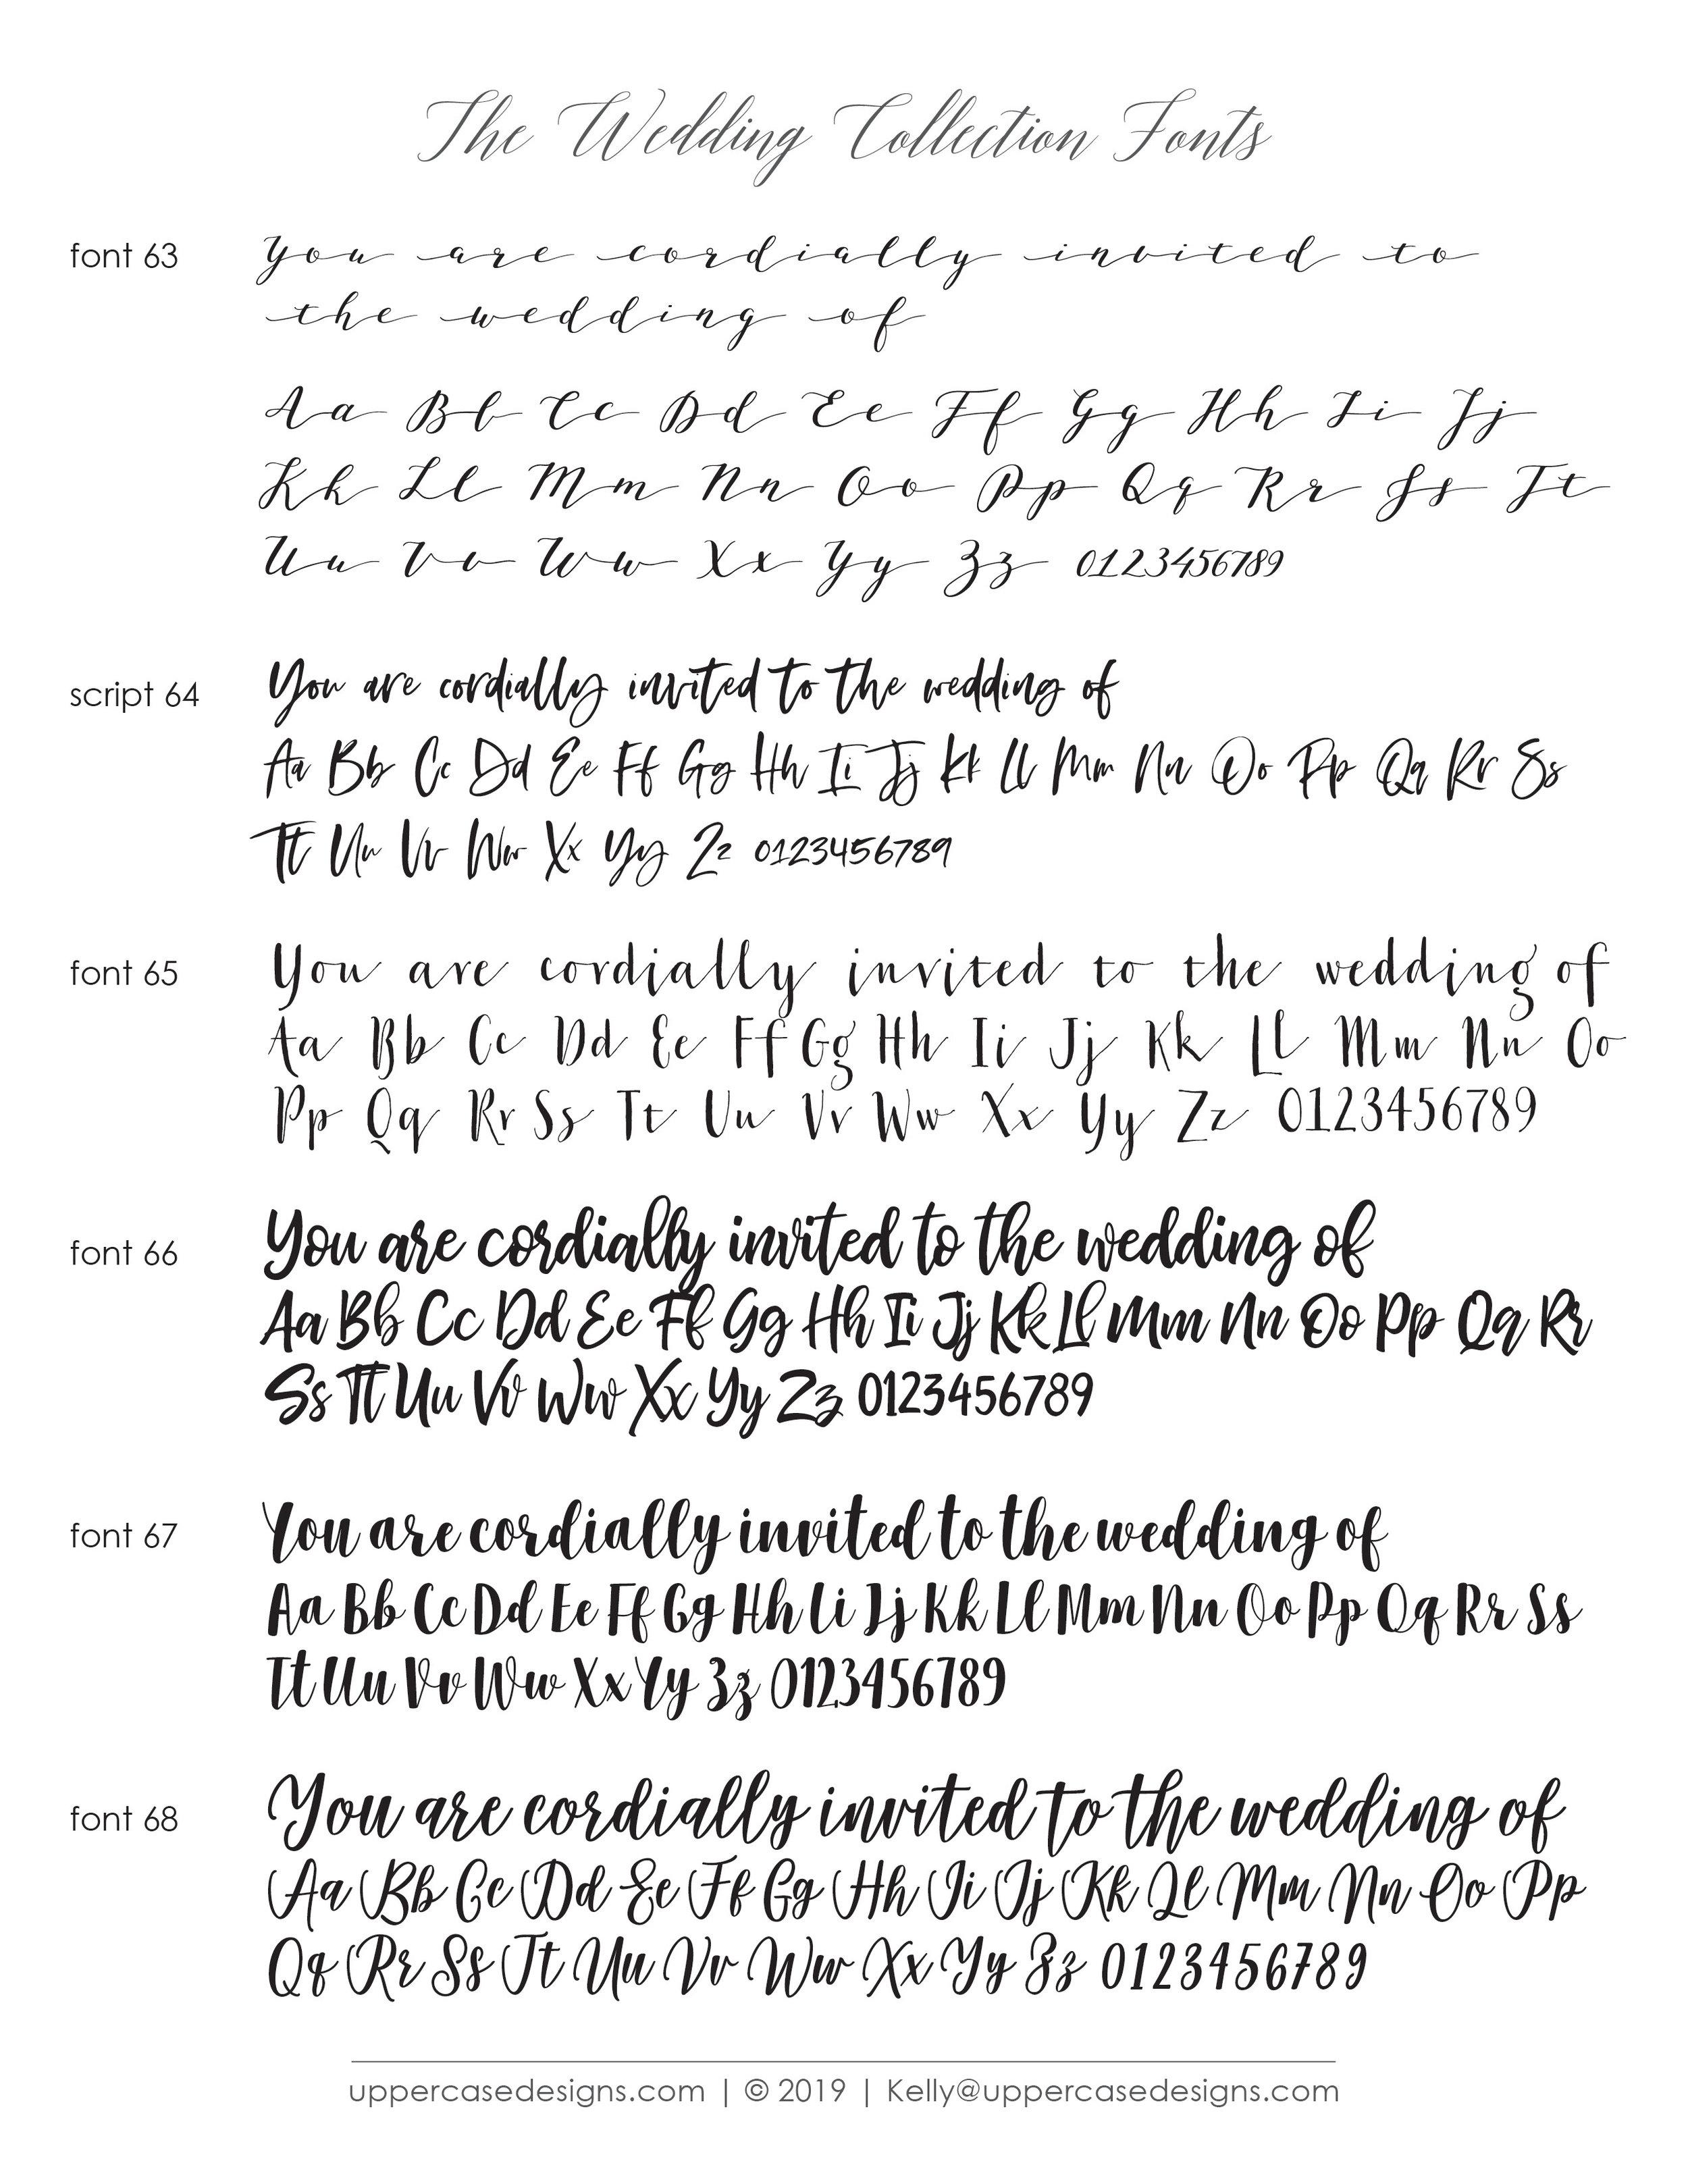 Uppercase Designs - Font Guide 201912.jpg